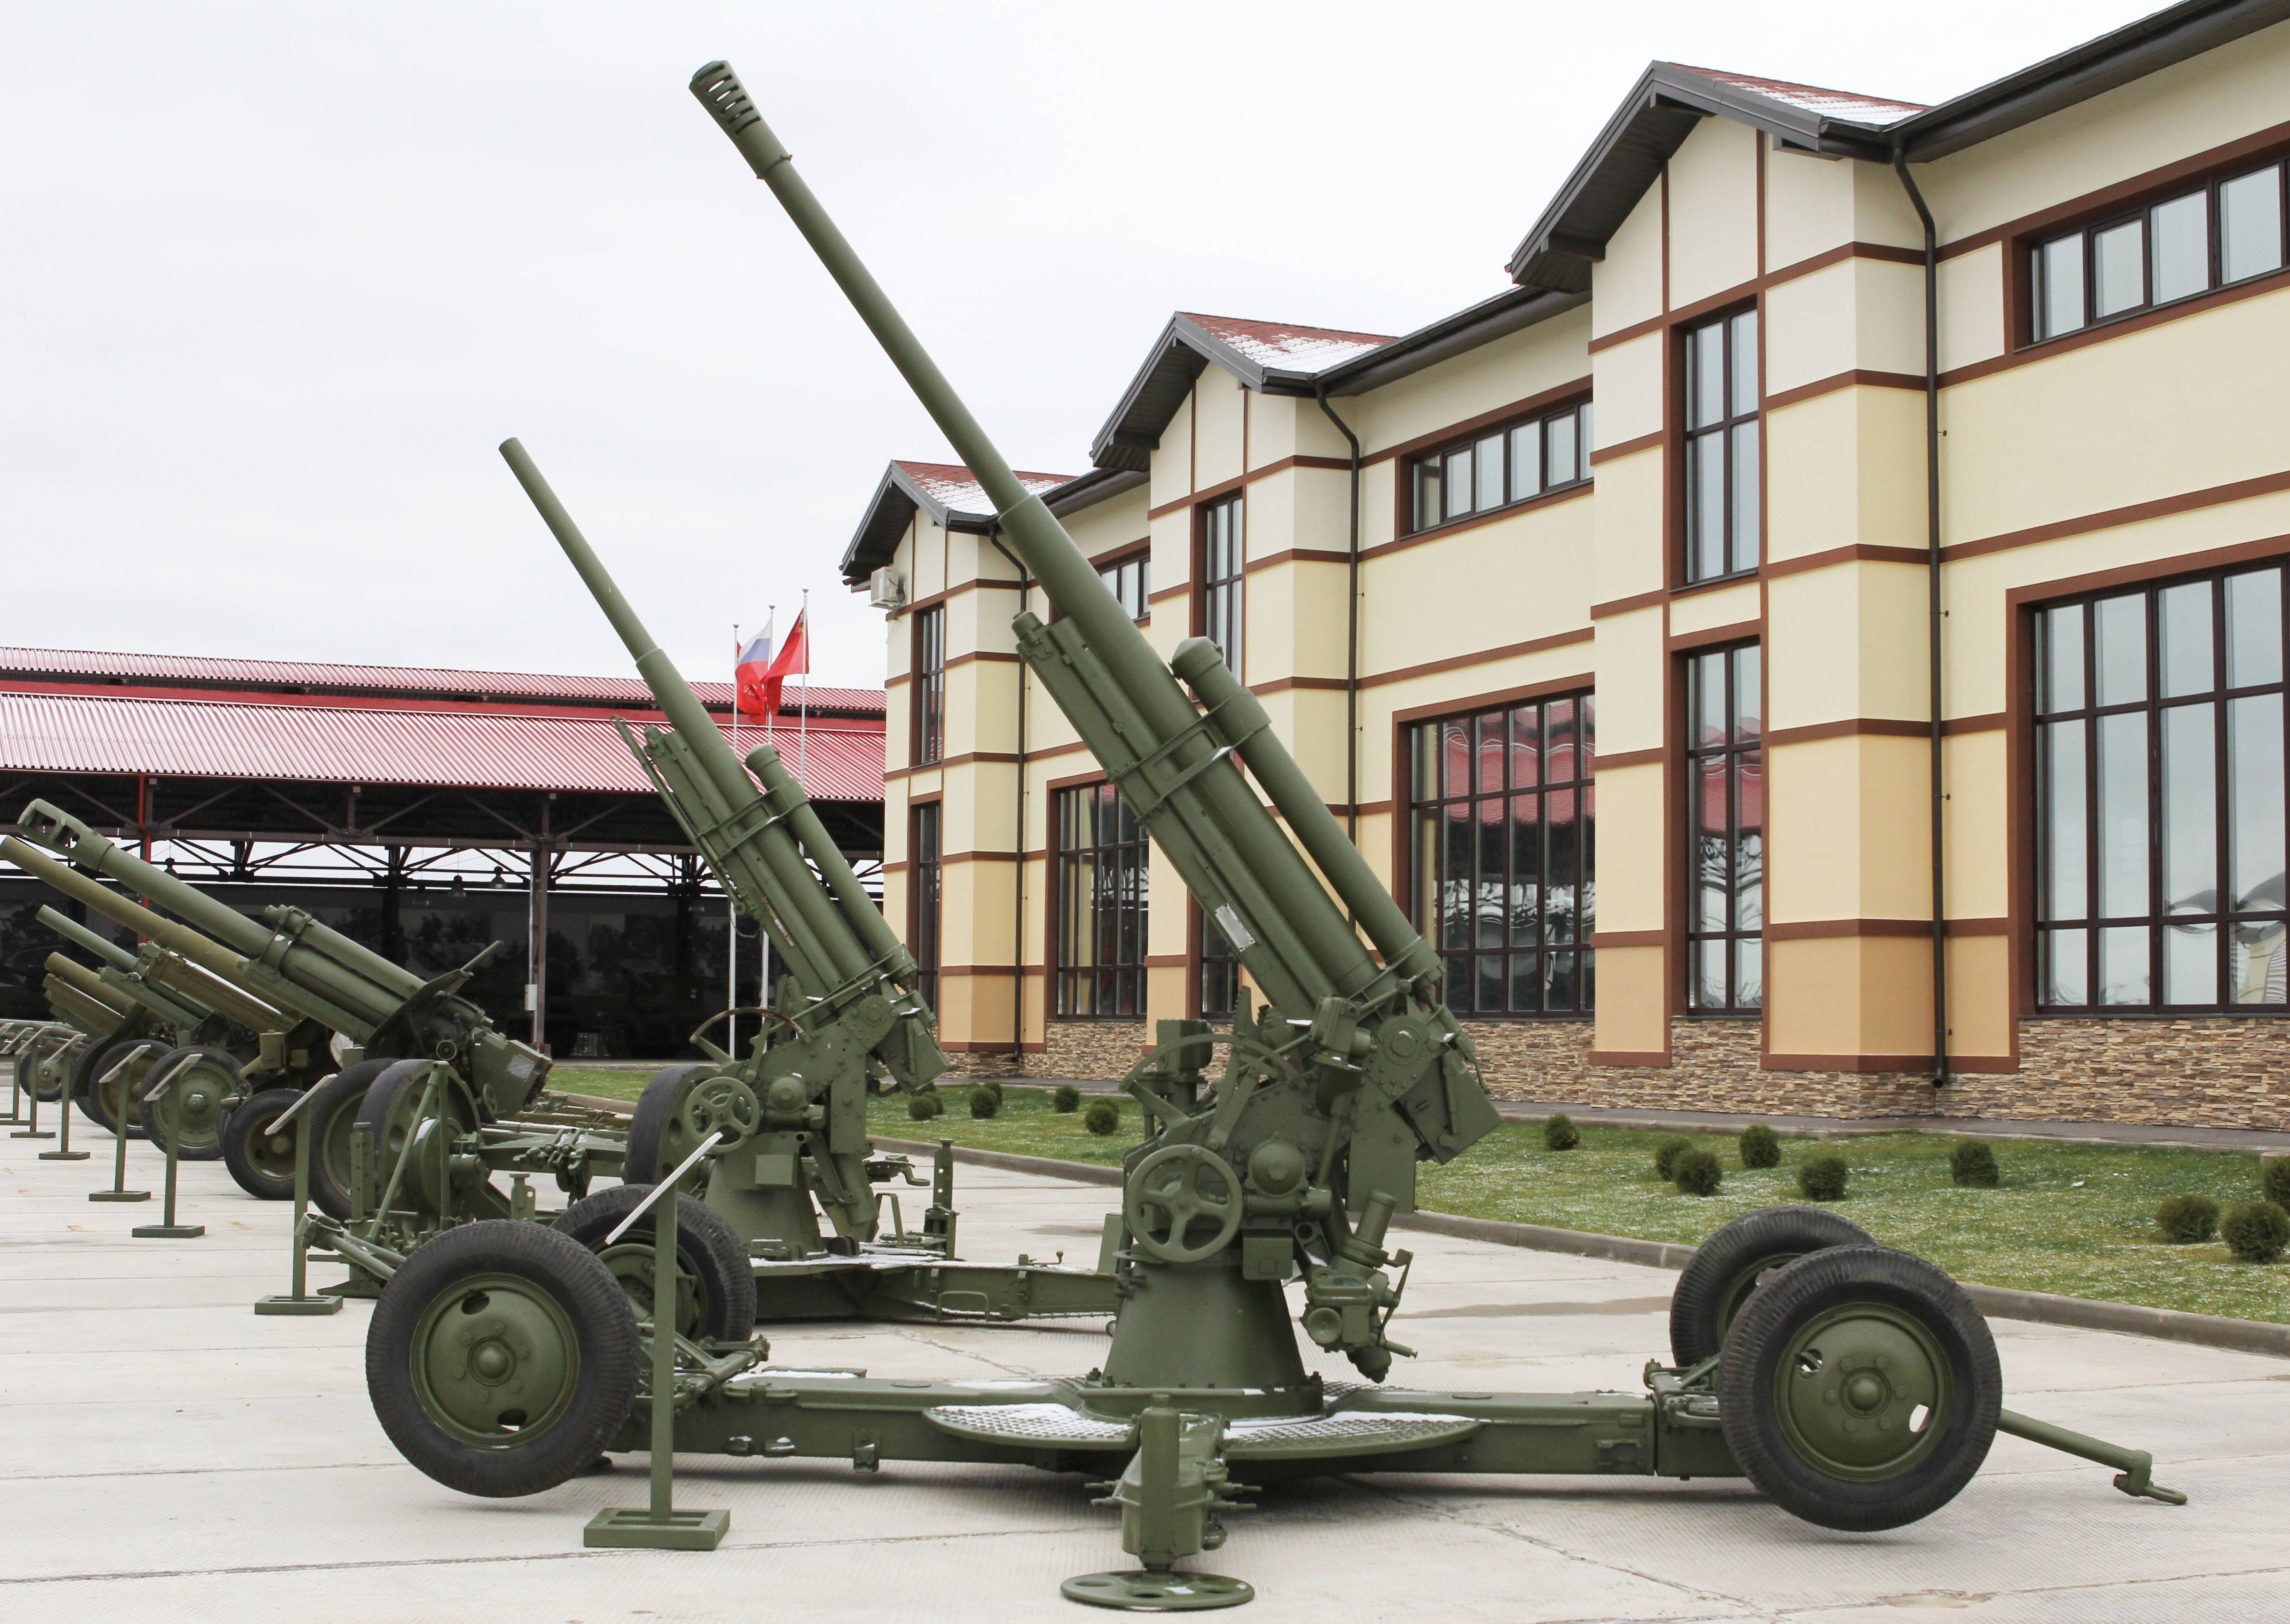 85-мм зенитная пушка образца 1939 года (52-к) — википедия. что такое 85-мм зенитная пушка образца 1939 года (52-к)